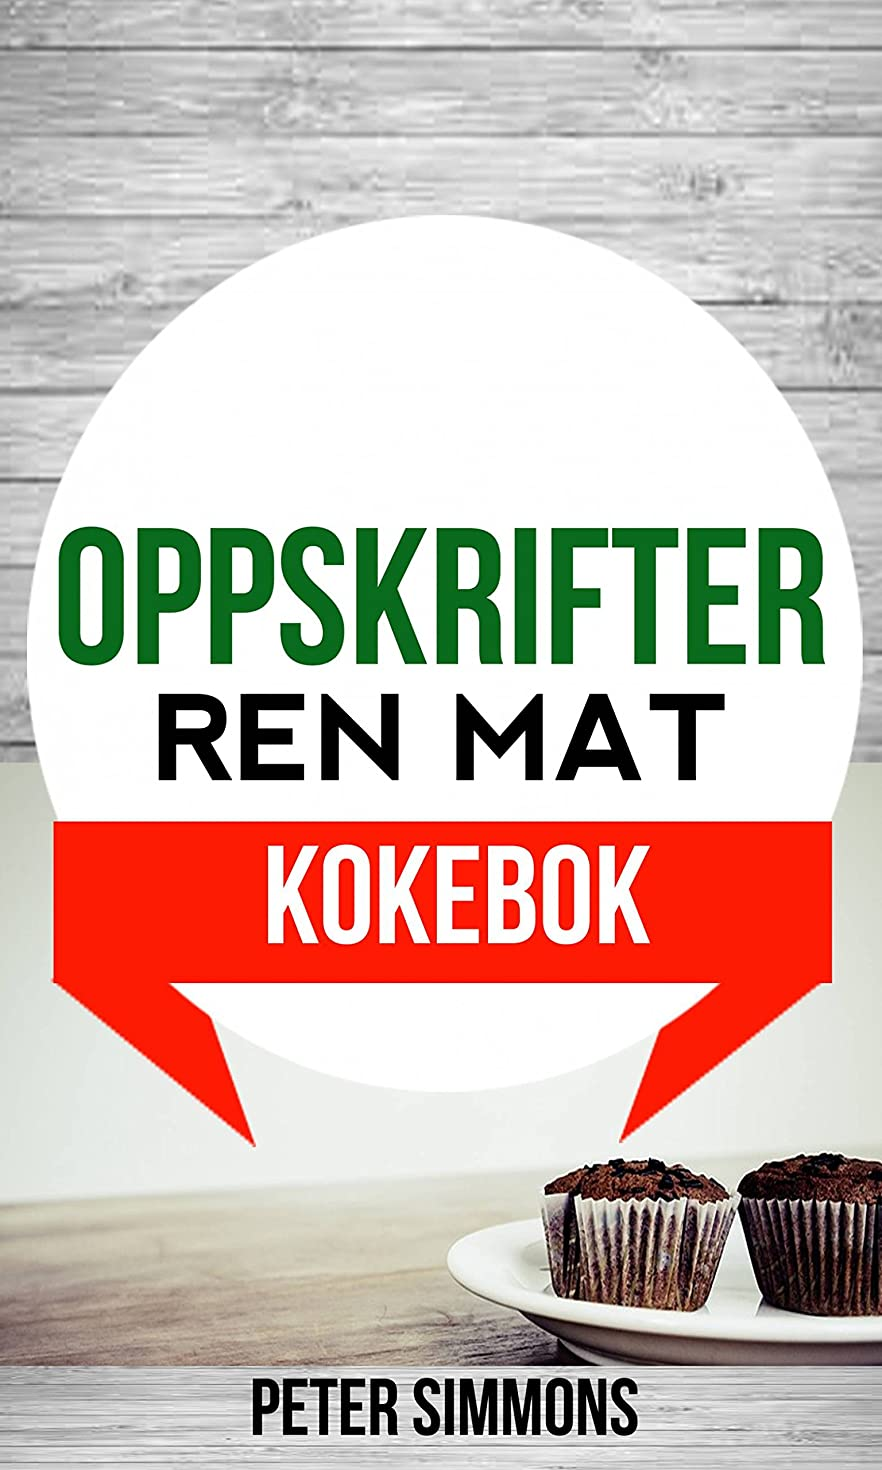 Oppskrifter: Ren mat (Kokebok) (Norwegian Edition)